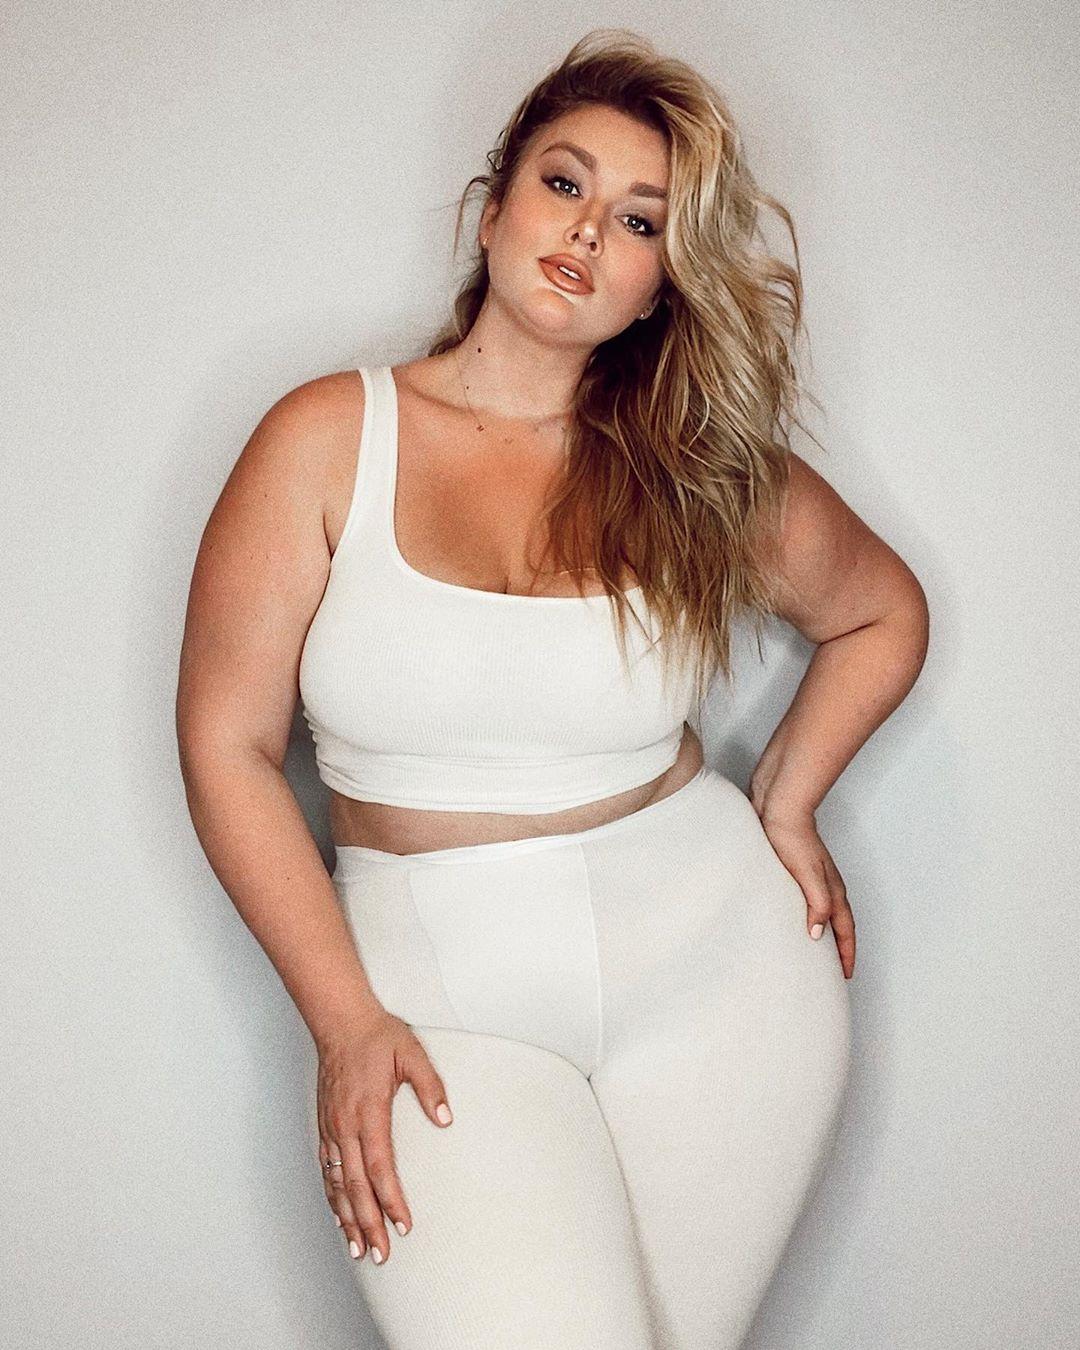 23-летняя модель Хантер Макгрейди, которая весит 108 кг и считает, что красота — это не размер  Что думаете?